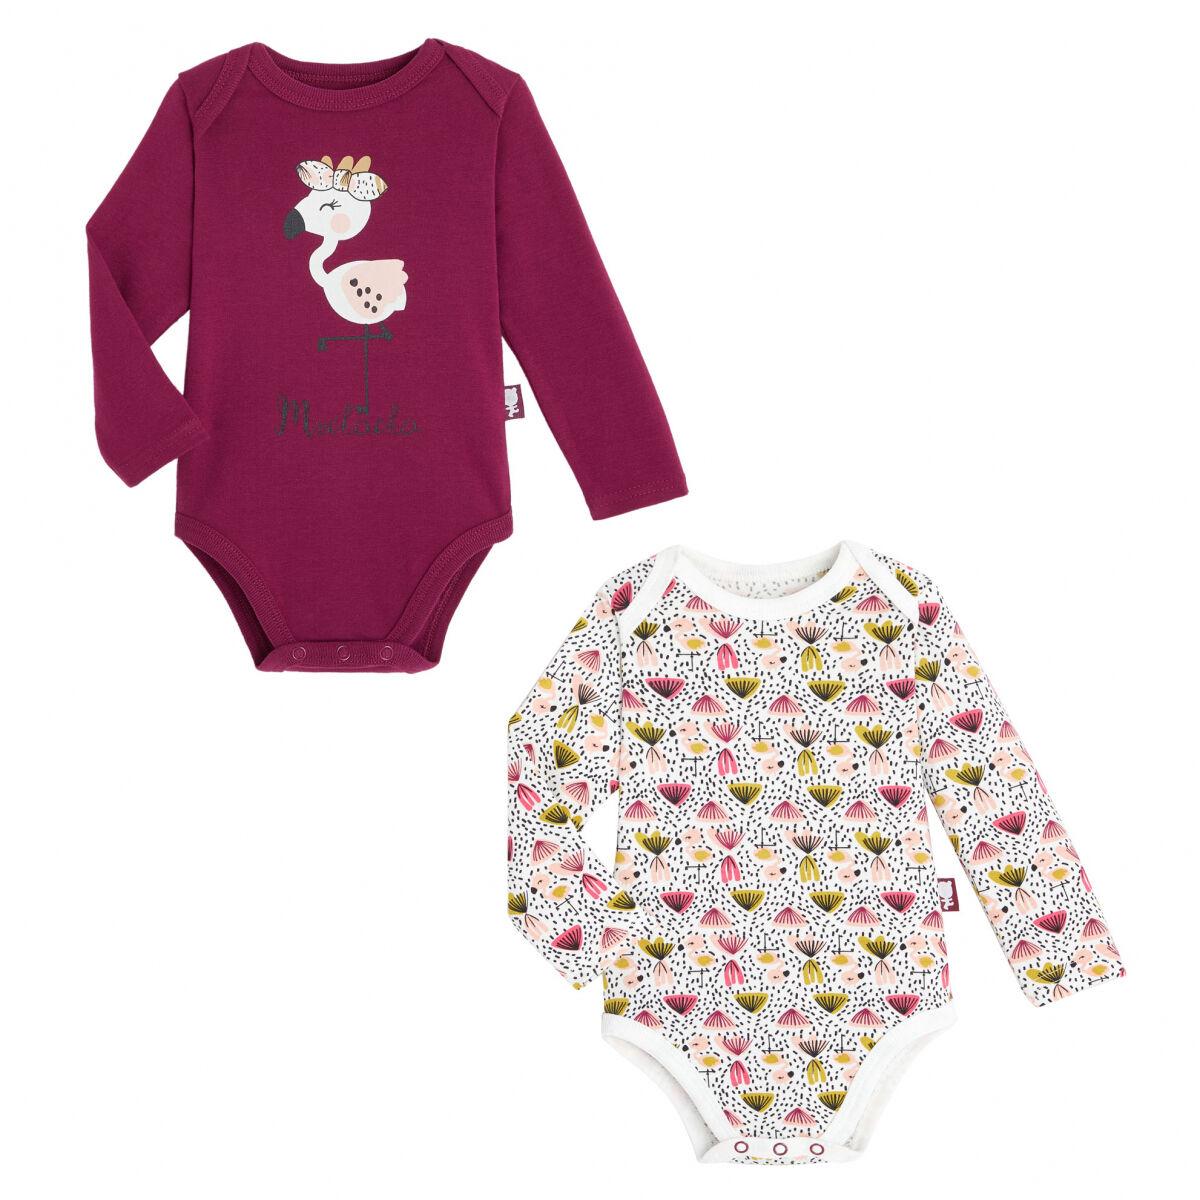 Petit Béguin Lot de 2 bodies bébé fille manches longues contenant du coton bio Muchacha - Taille - 9 mois